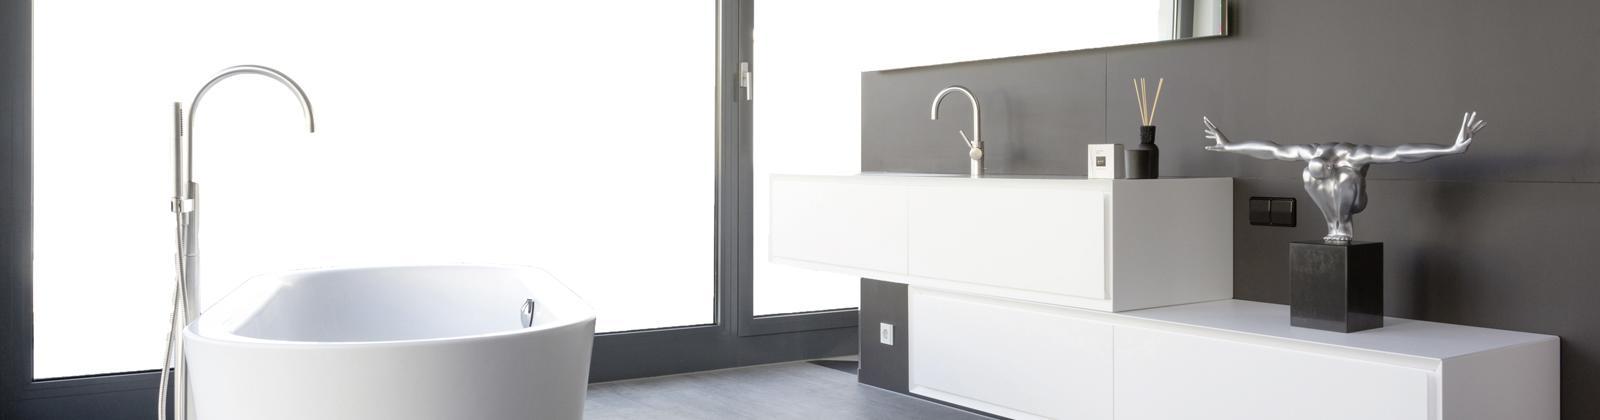 Minimalistisches Badezimmer In Der Ausstellung Graf.